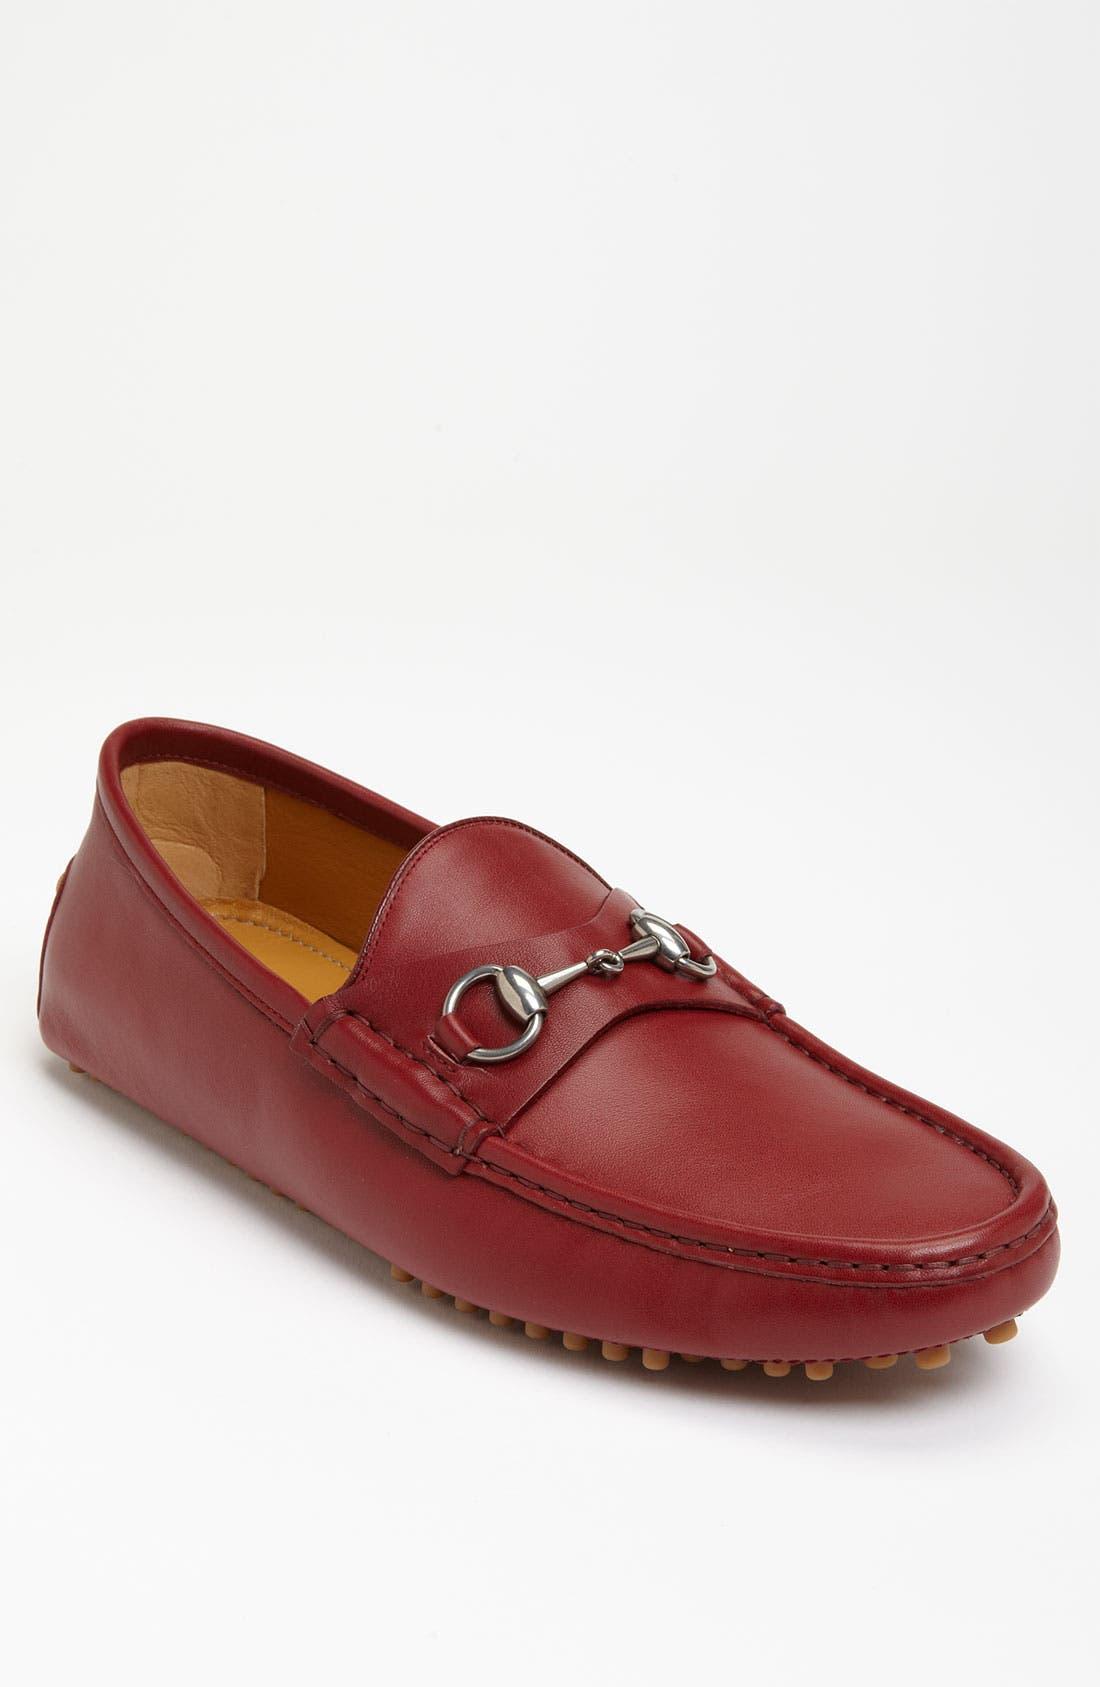 Main Image - Gucci 'Damo' Driving Shoe